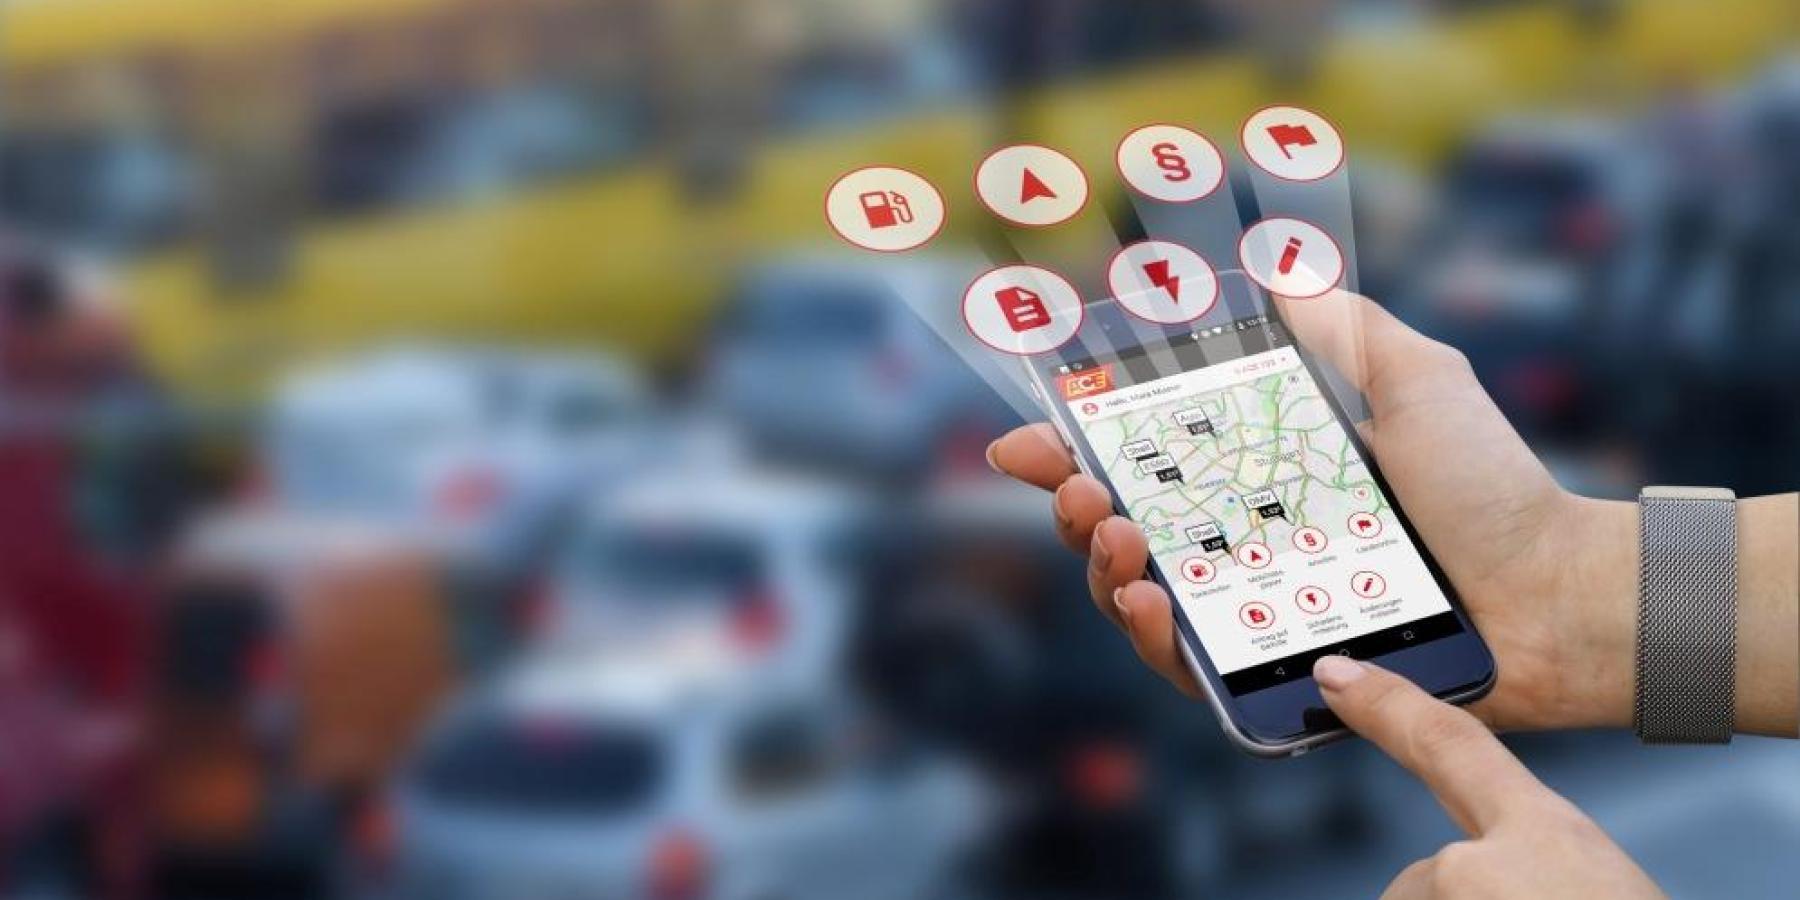 Mobilitäts-App des ACE relauncht und erweitert